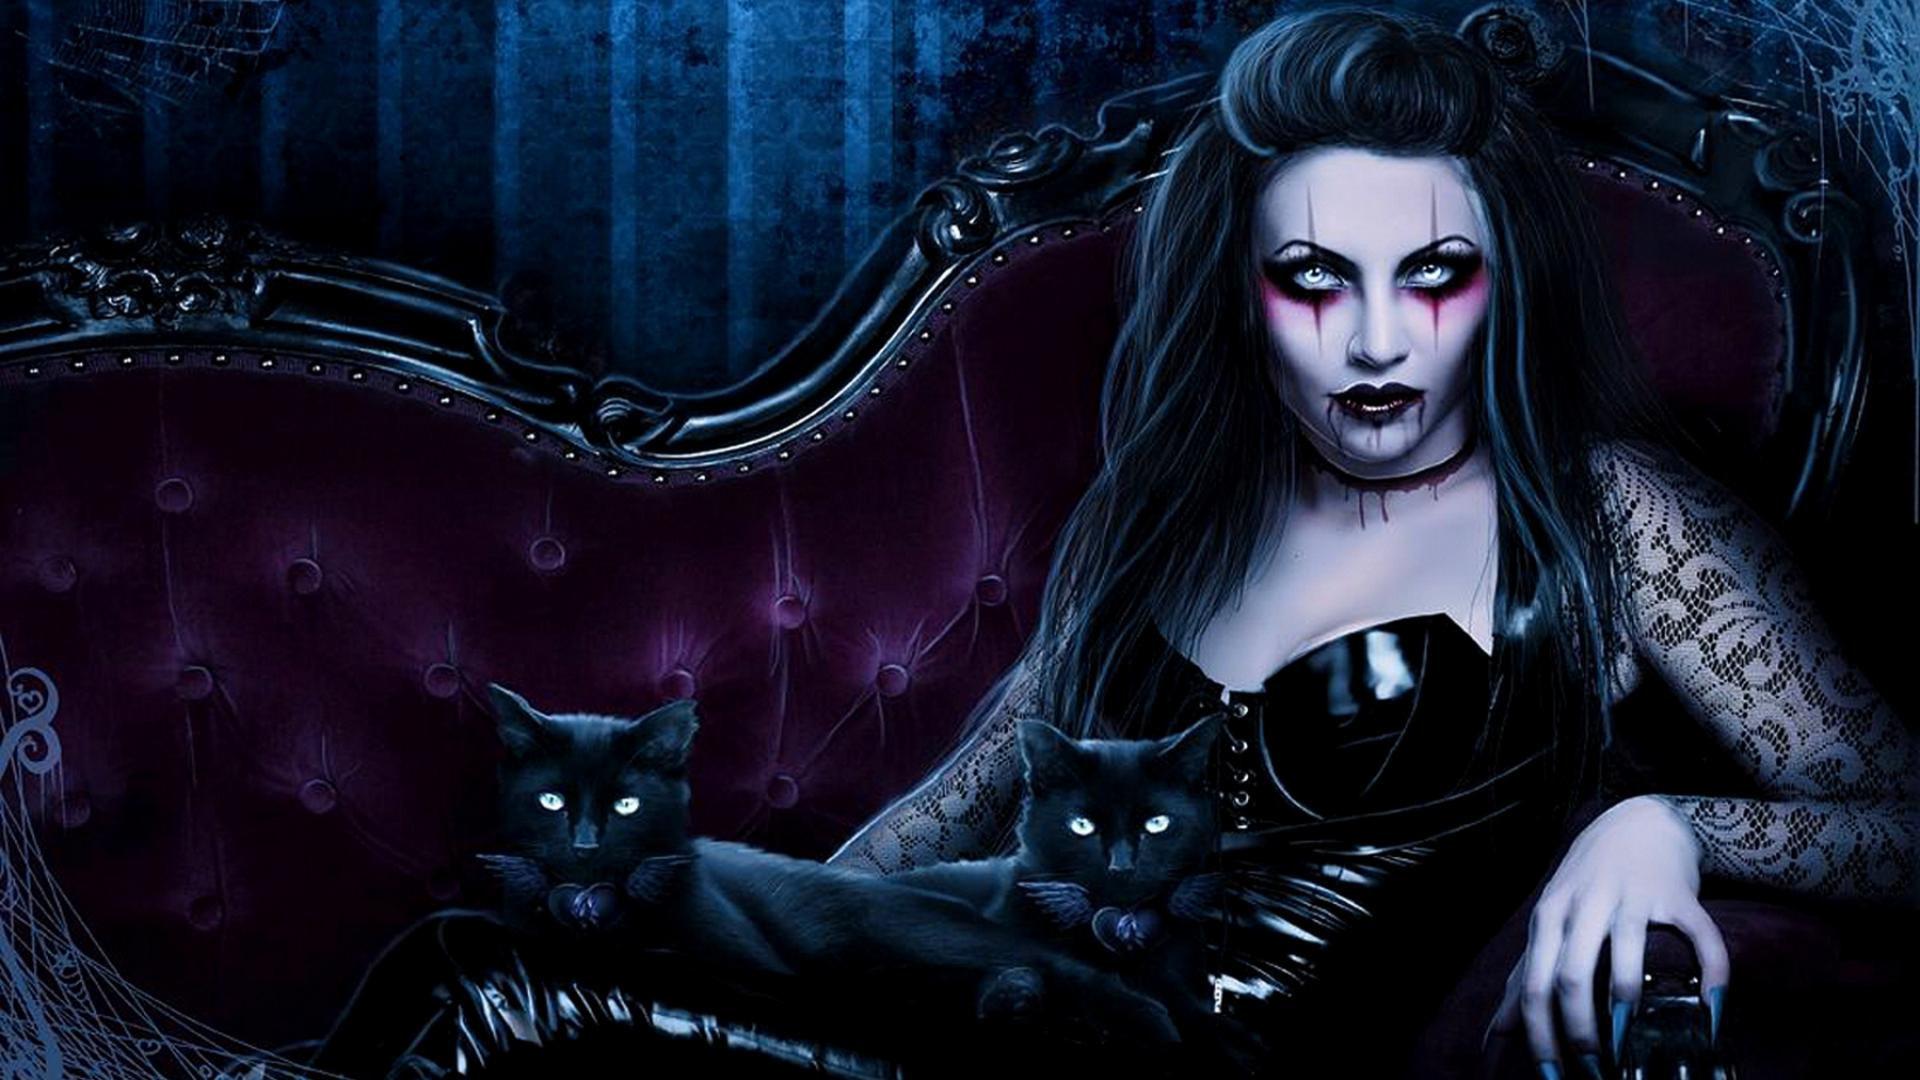 … gothic vampire wallpaper wallpapersafari …